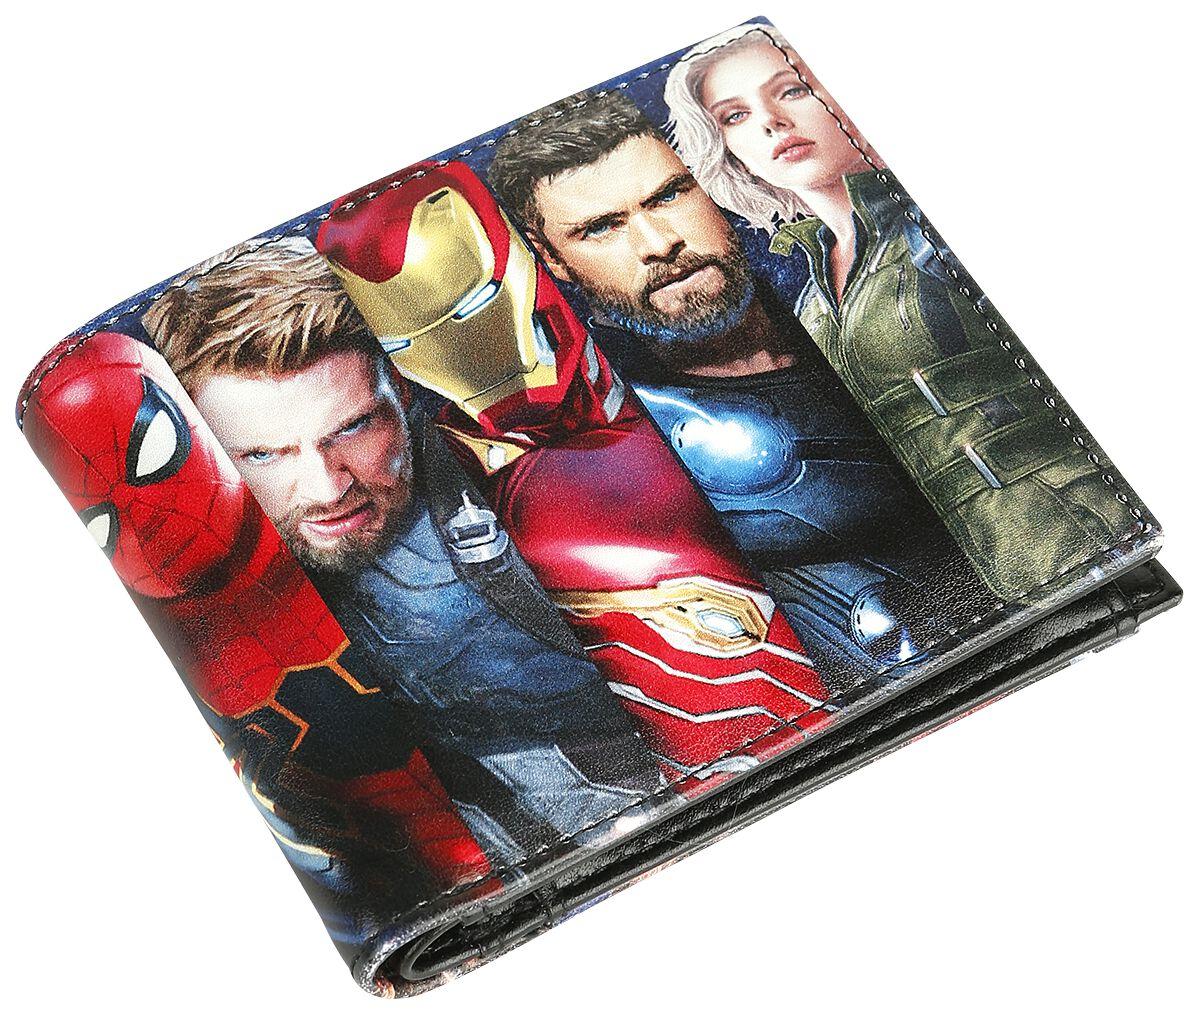 Merch dla Fanów - Portfele - Portfel Avengers Infinity War Portfel wielokolorowy - 372535